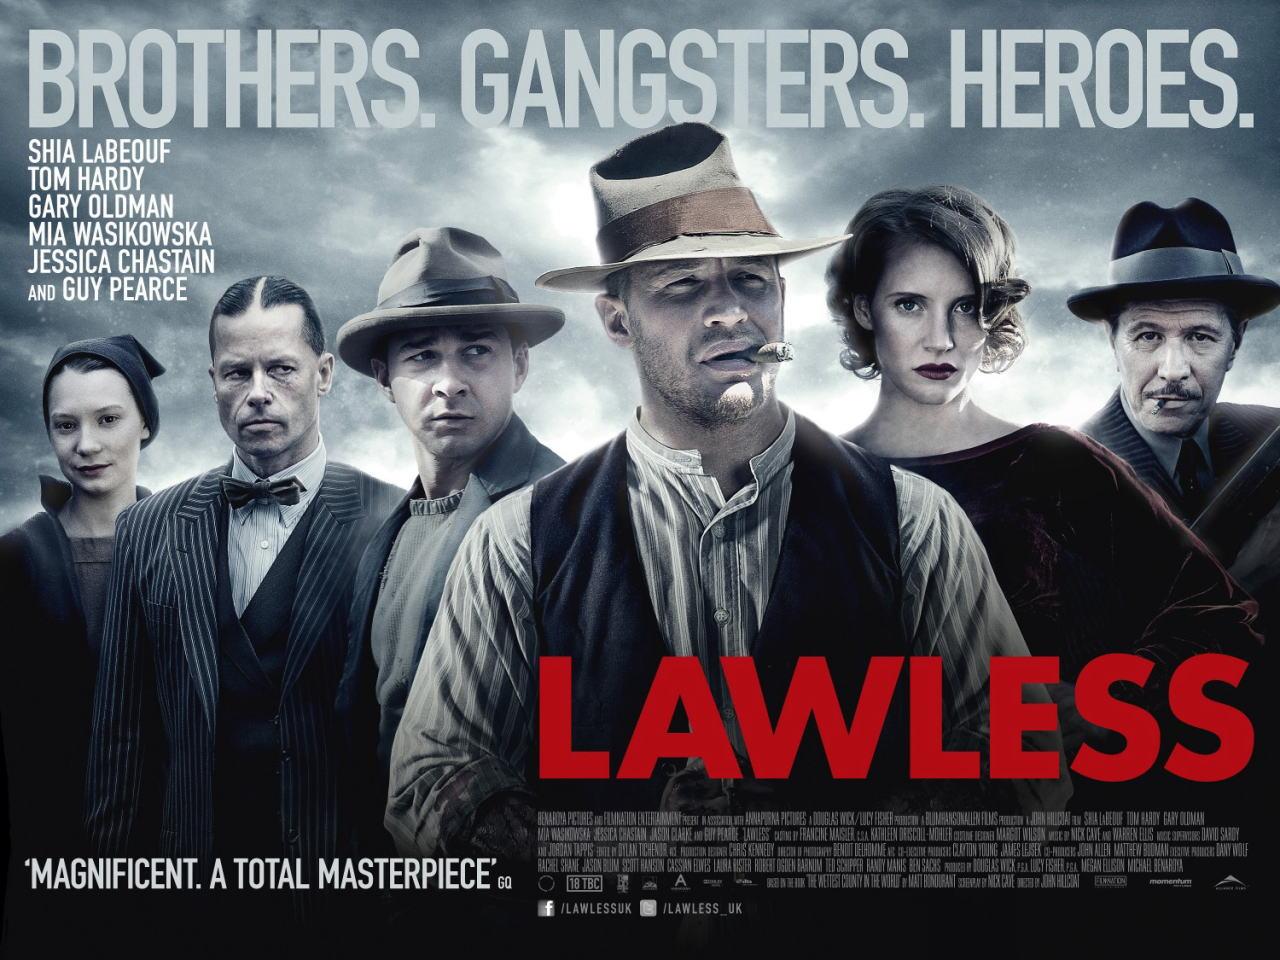 映画『欲望のバージニア (2012) LAWLESS』ポスター(4) ▼ポスター画像クリックで拡大します。